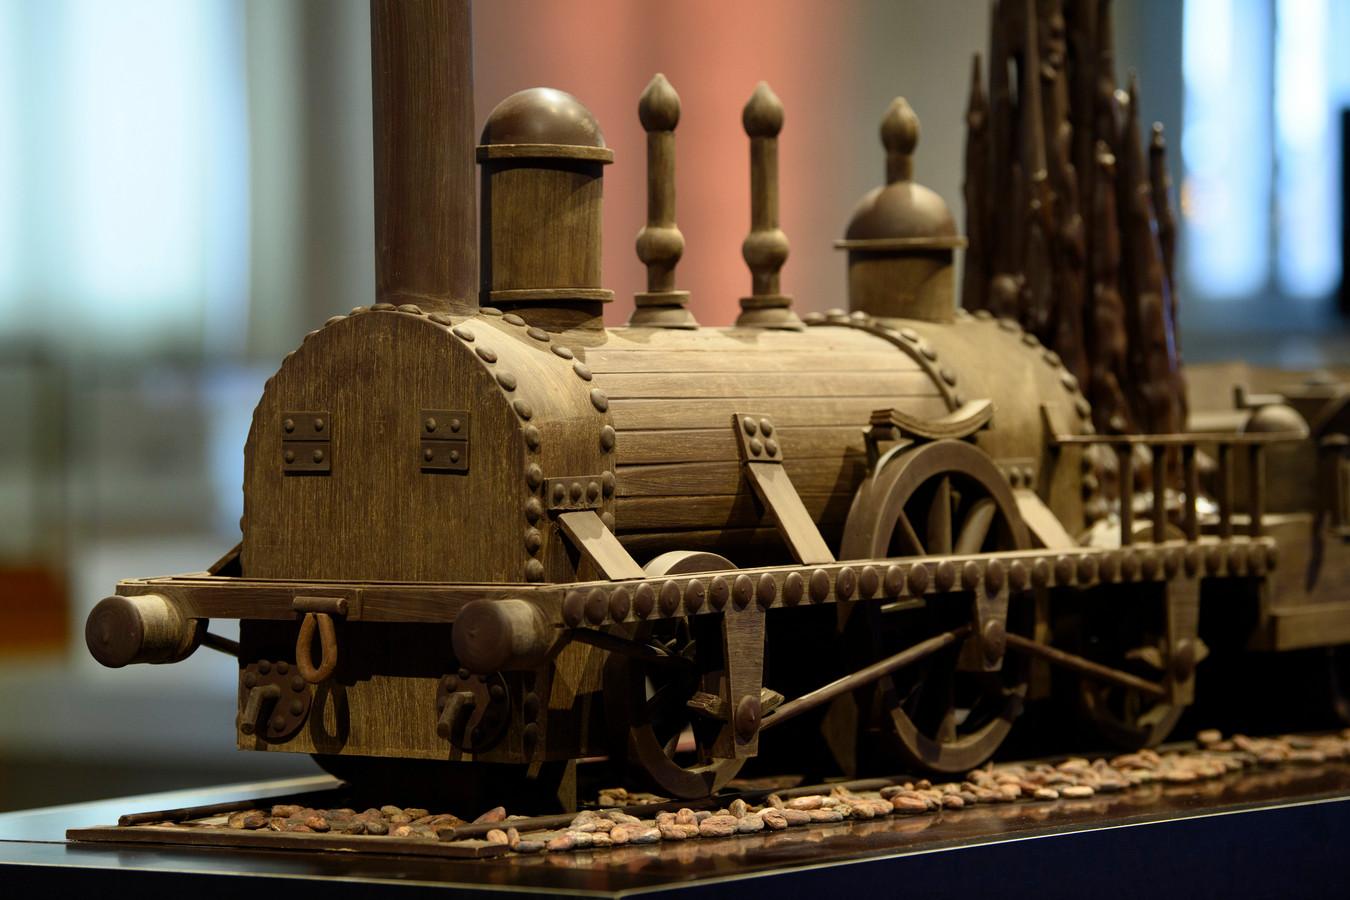 De 23 tentoongestelde chocoladesculpturen staan verspreid doorheen de vier hallen van Train World.